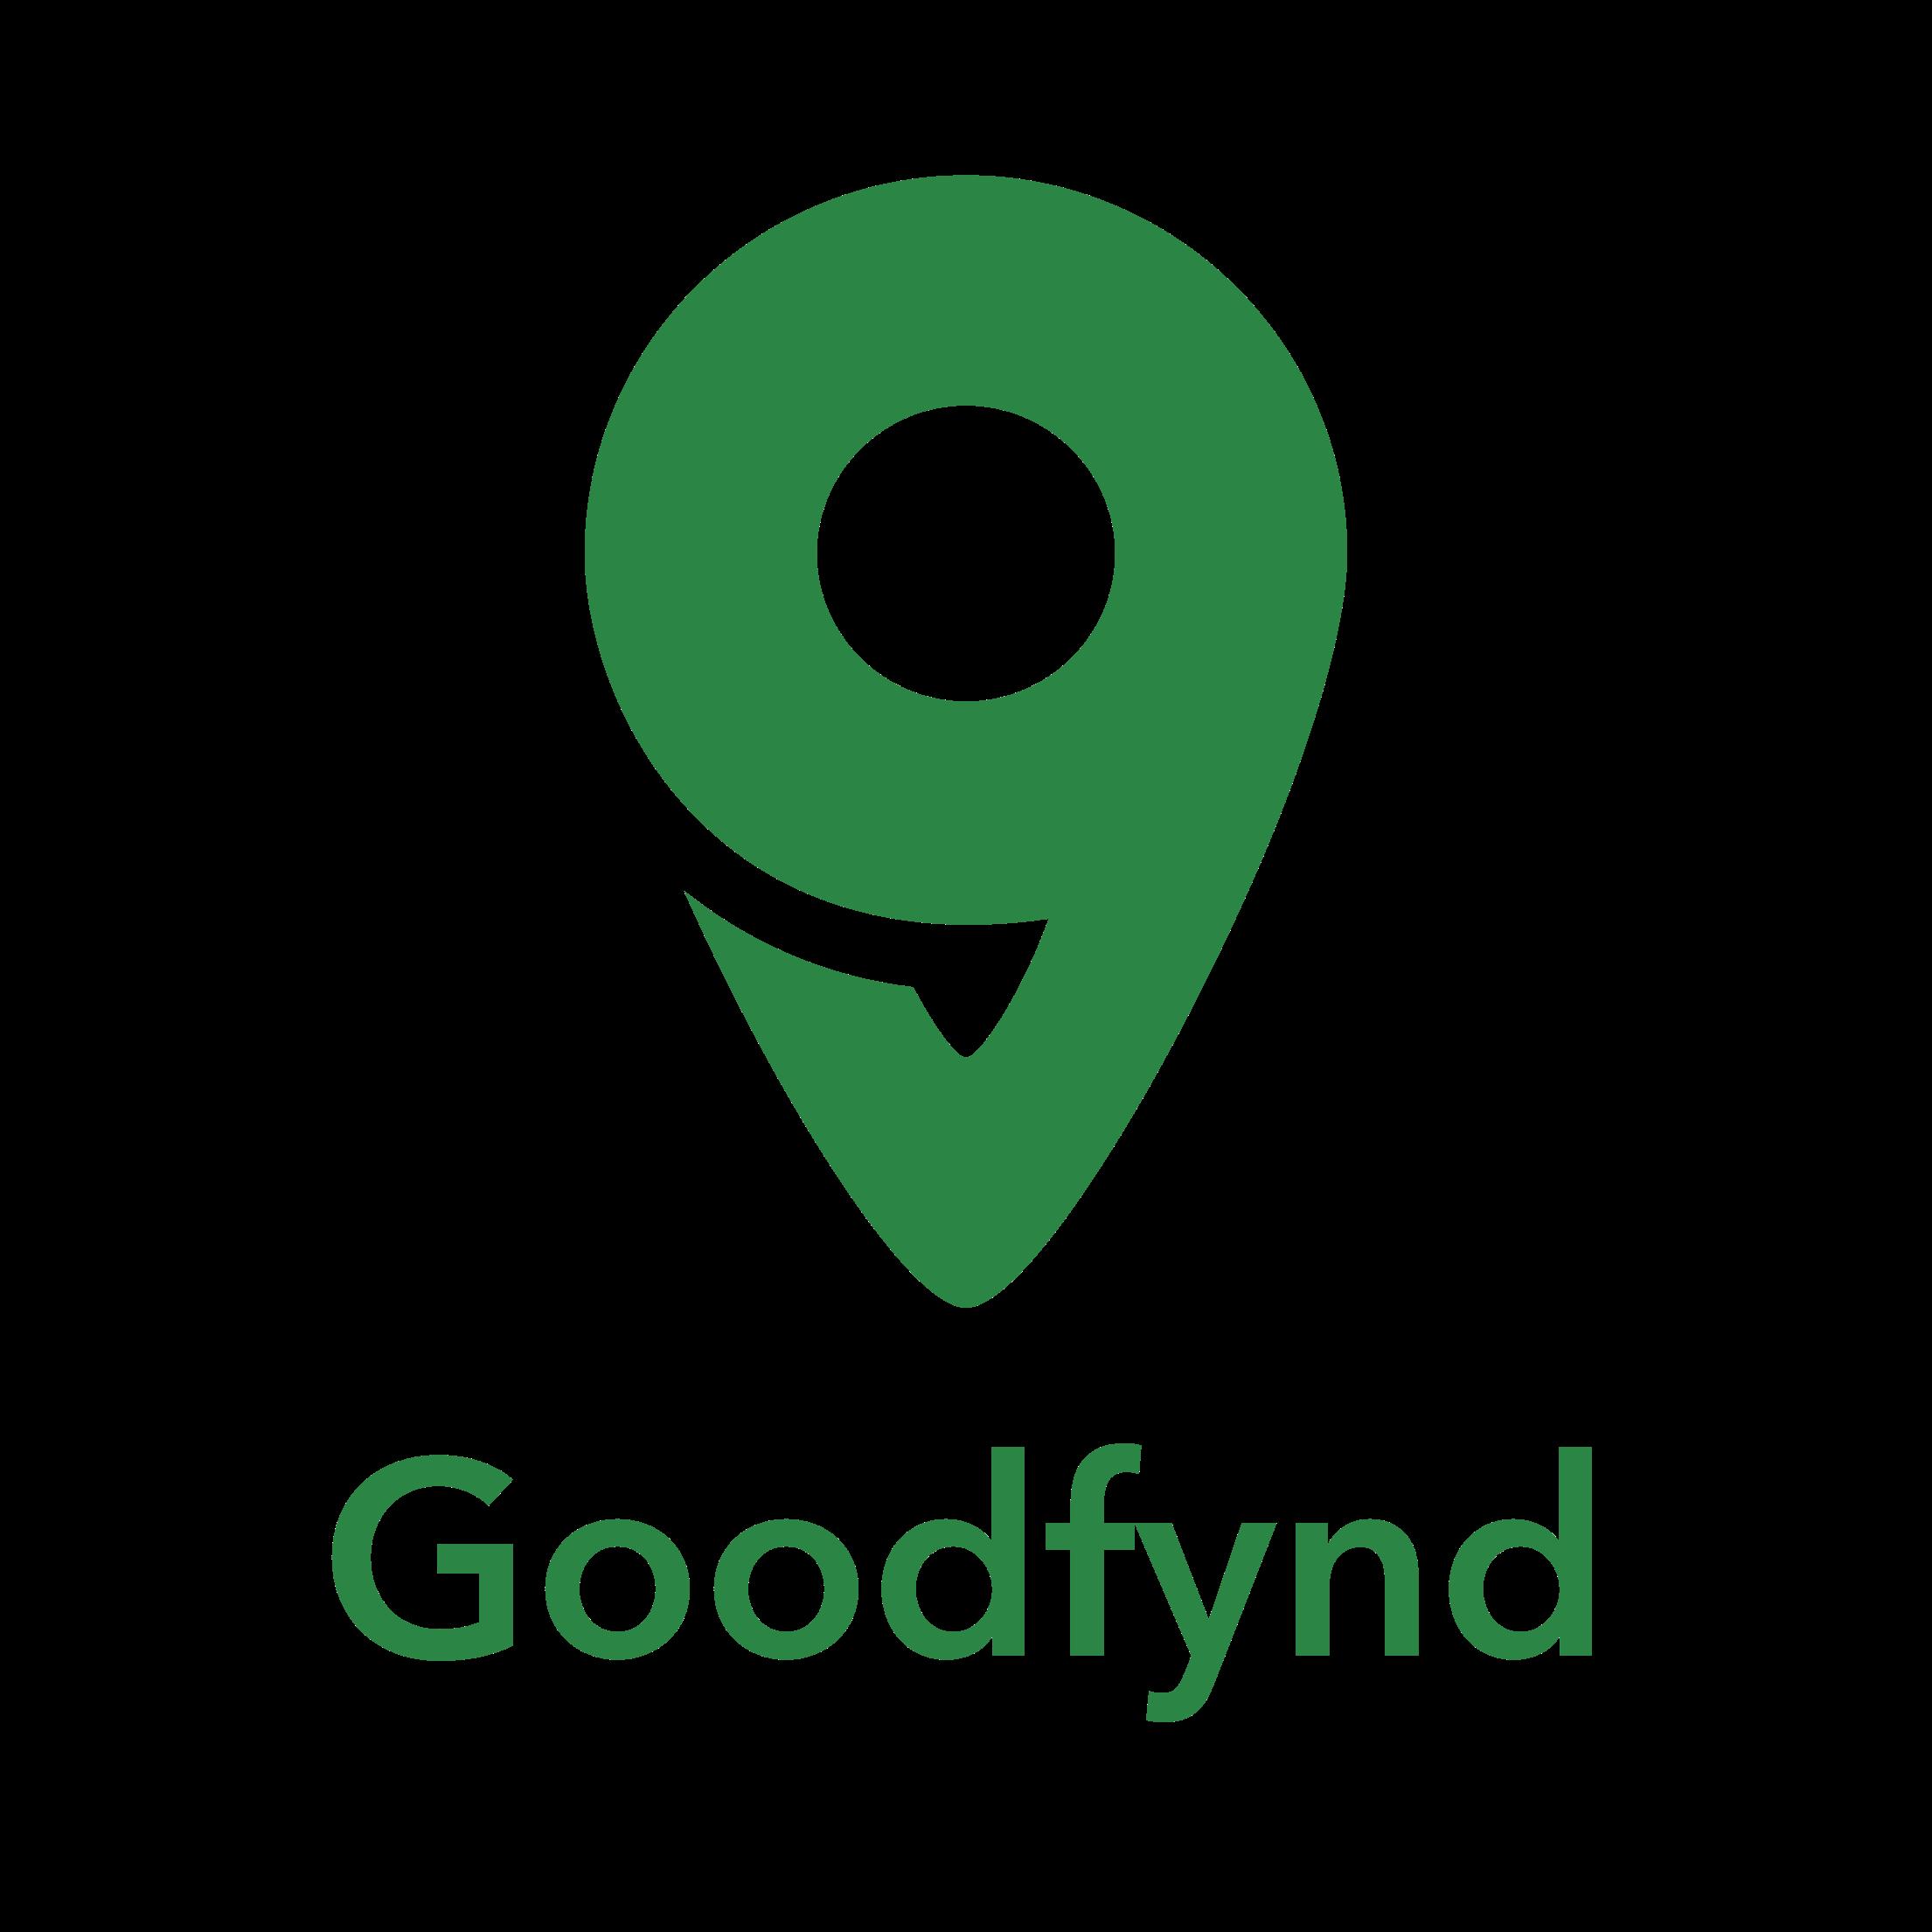 goodfynd logo